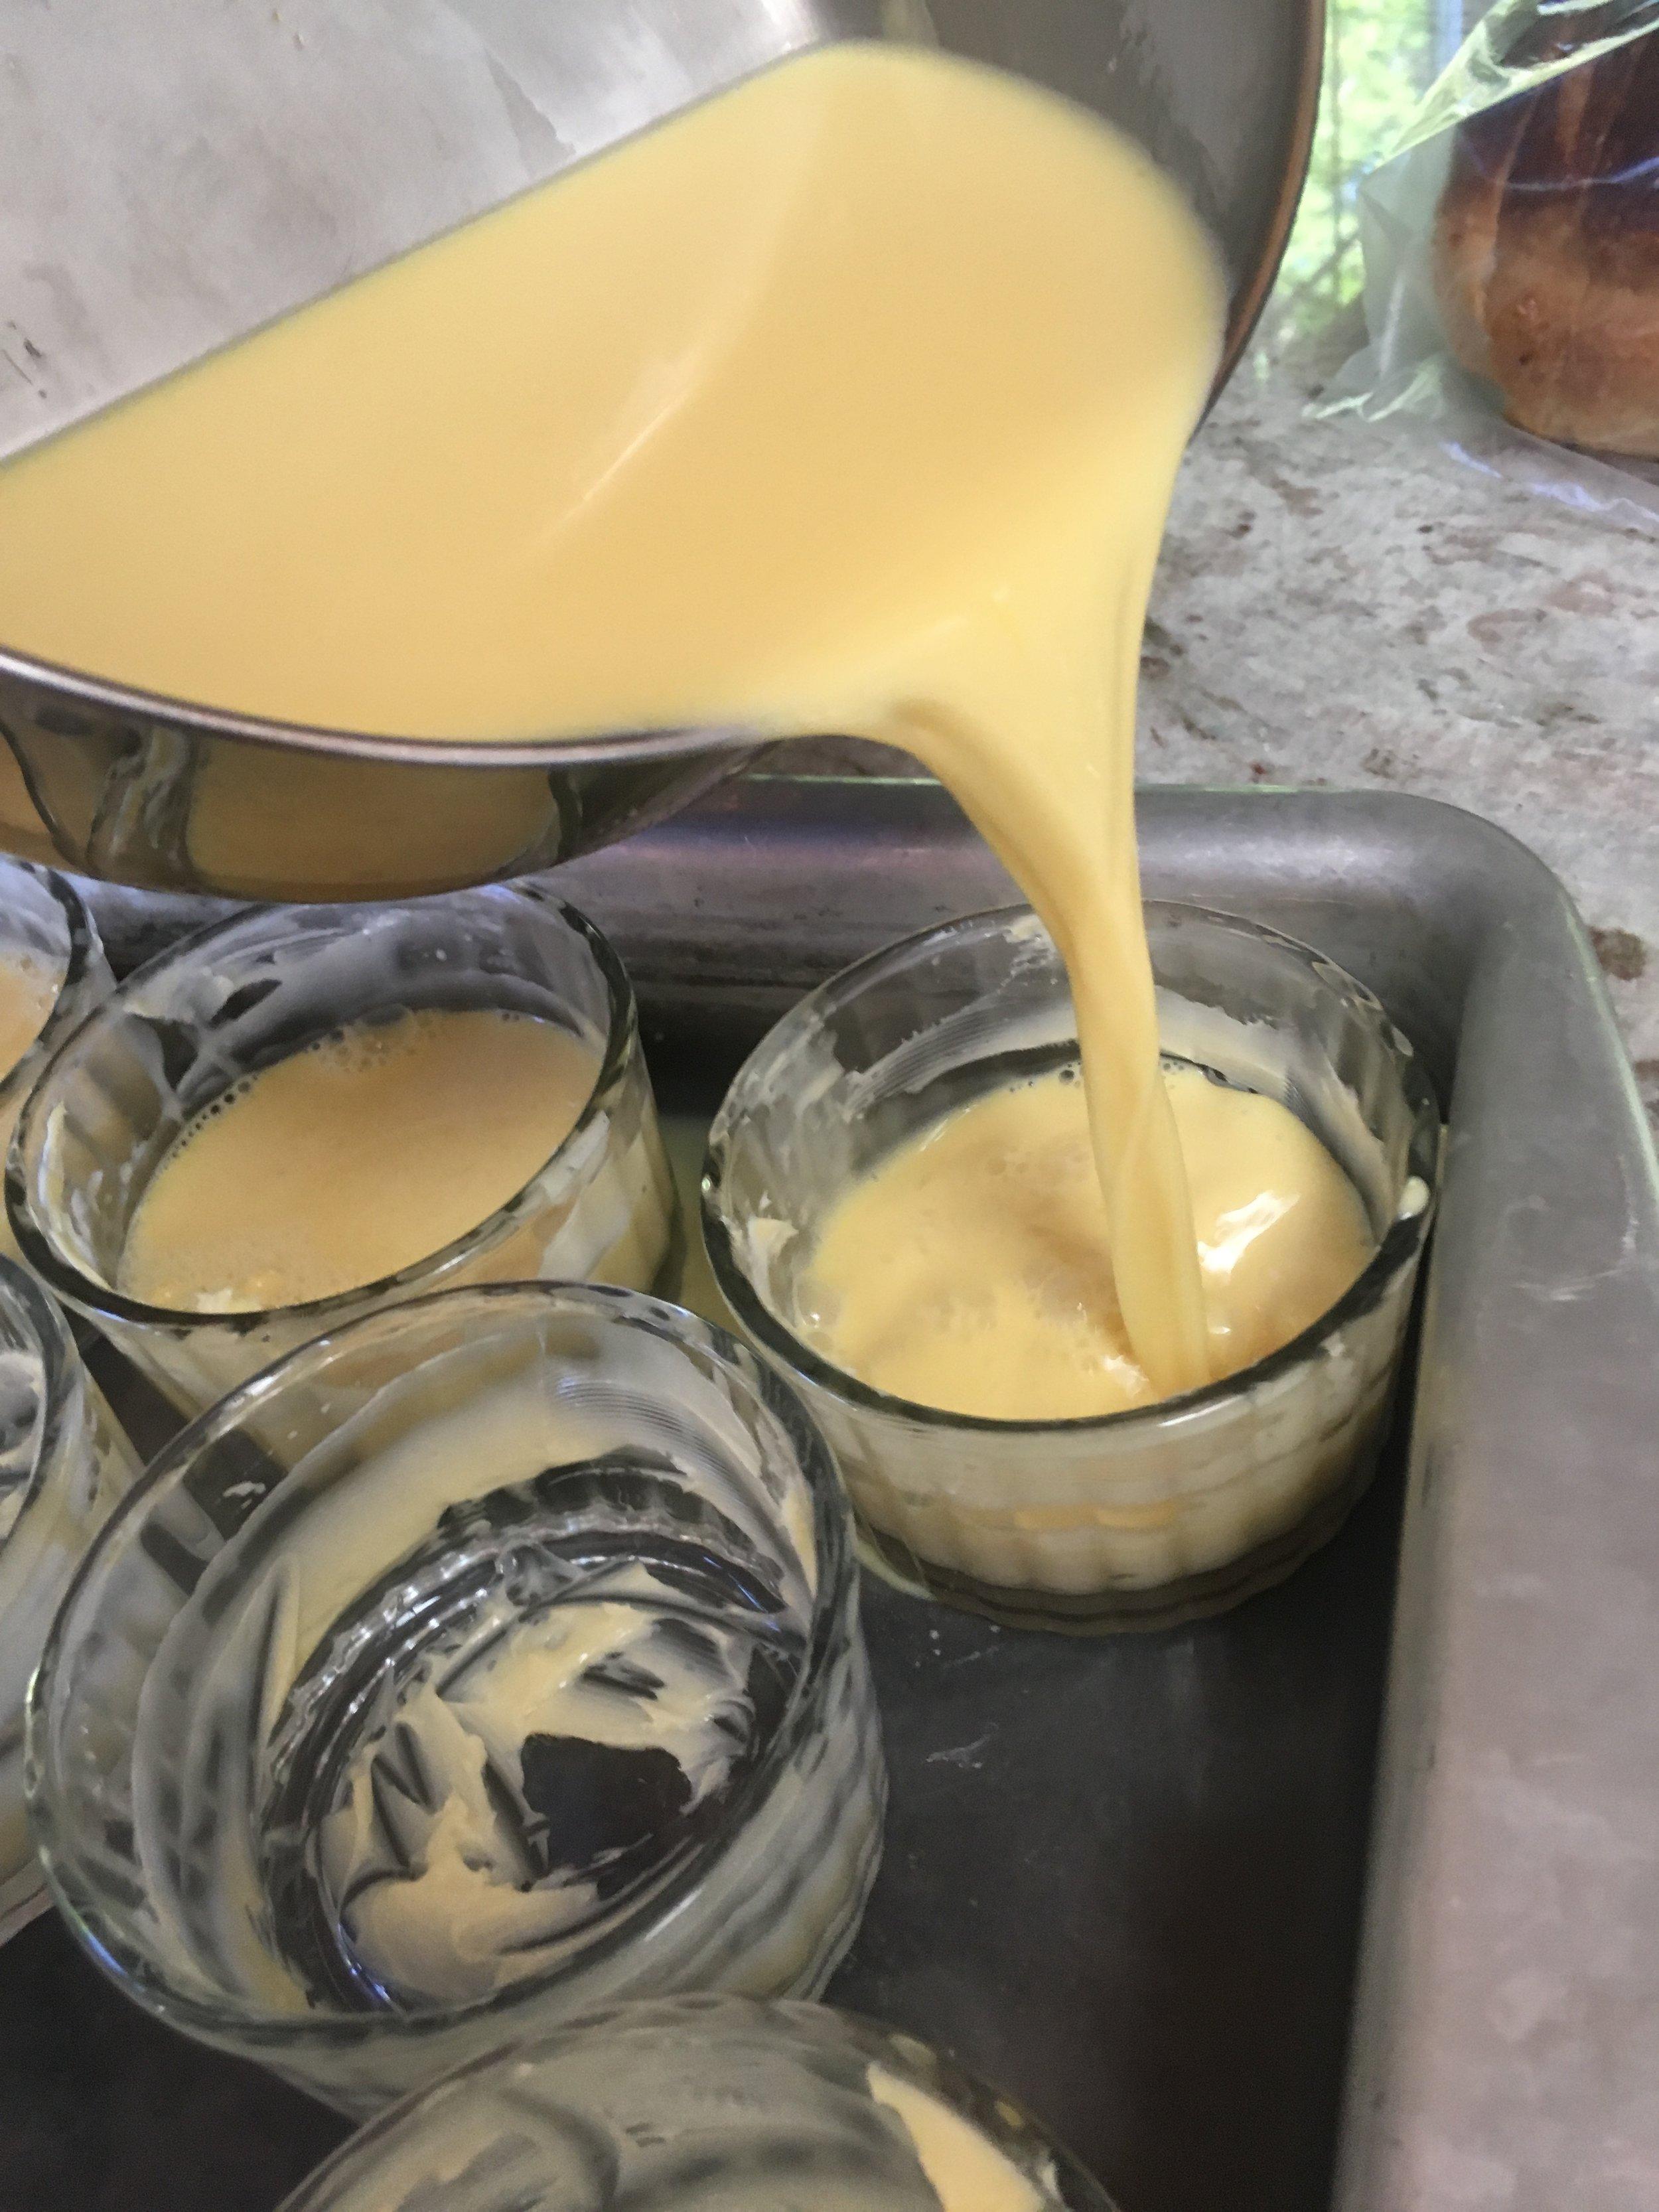 Pour custard mix into buttered ramekins